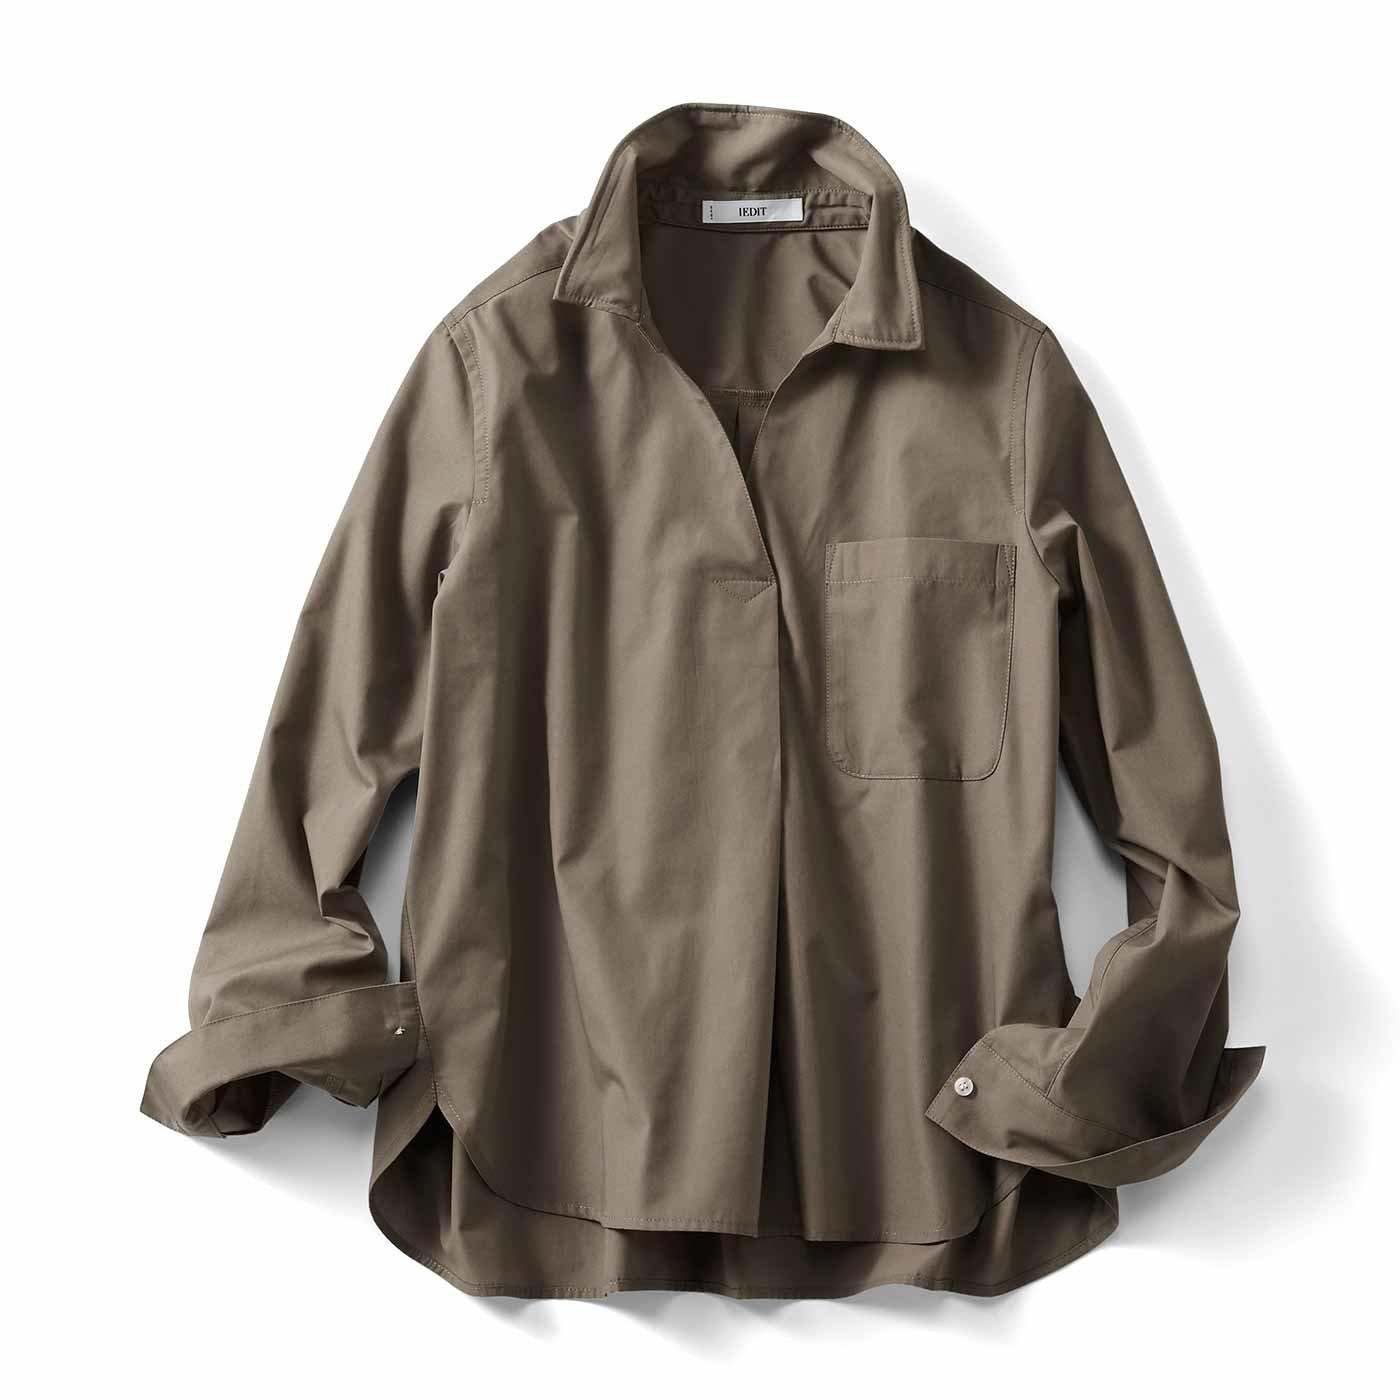 IEDIT[イディット] ワイヤー入り衿で着こなし自在 スキッパーシャツプルオーバー〈カーキ〉